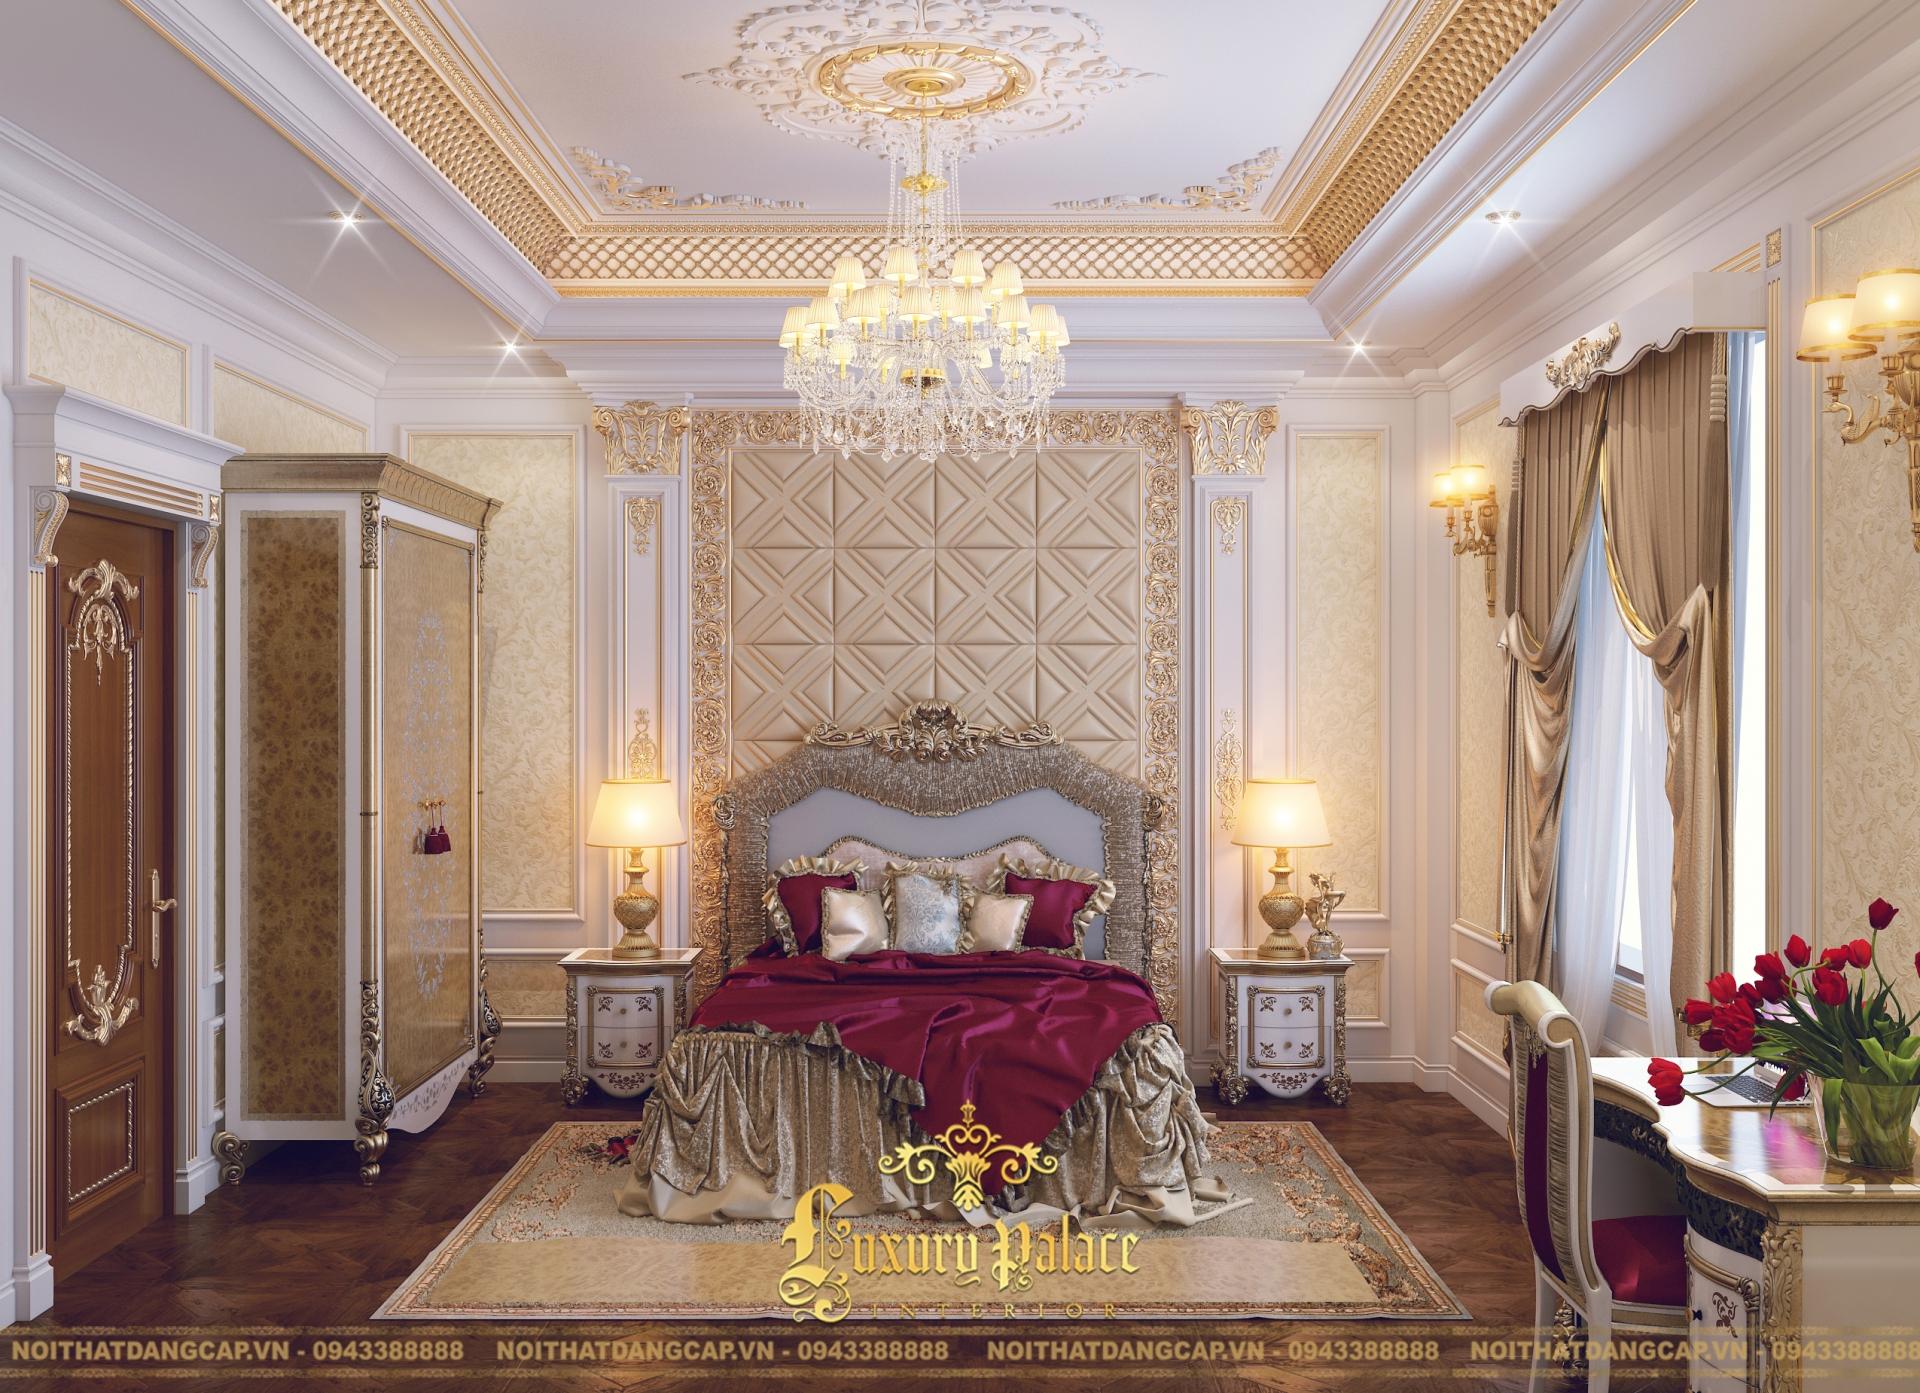 Mẫu thiết kế phòng ngủ phong cách tân cổ điển châu Âu 1